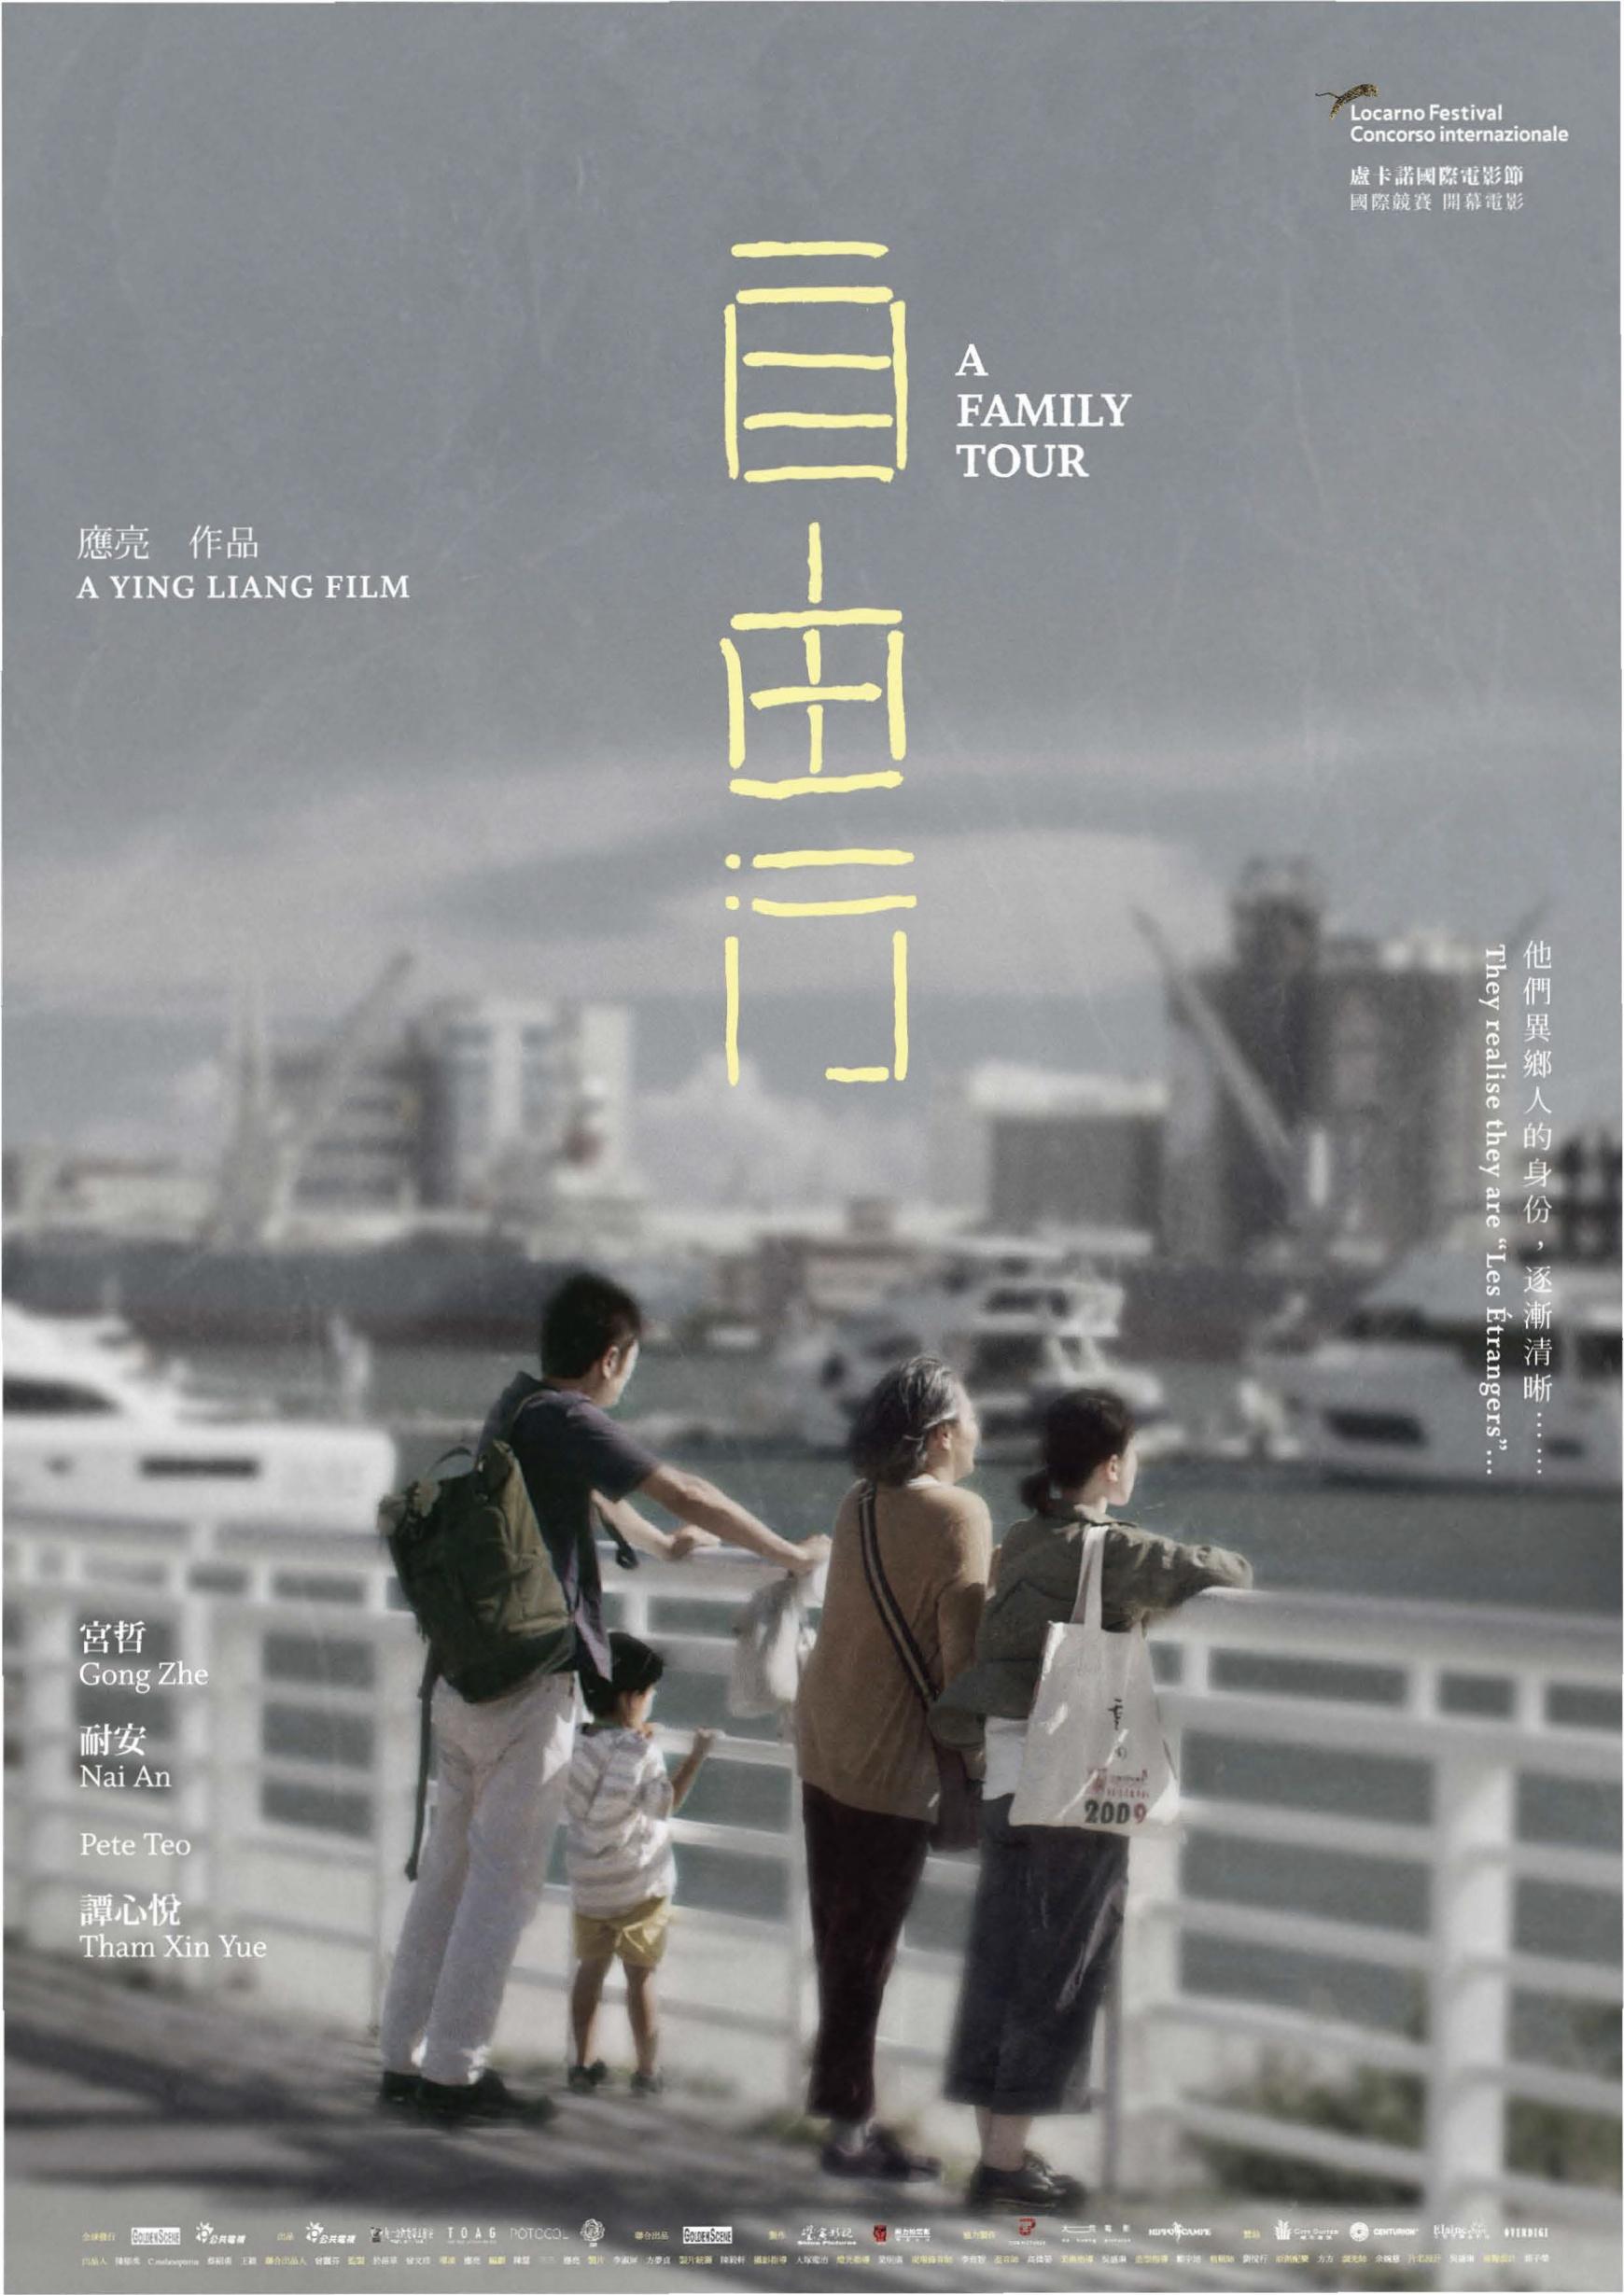 20181219_AFamilyTour_Poster.jpg